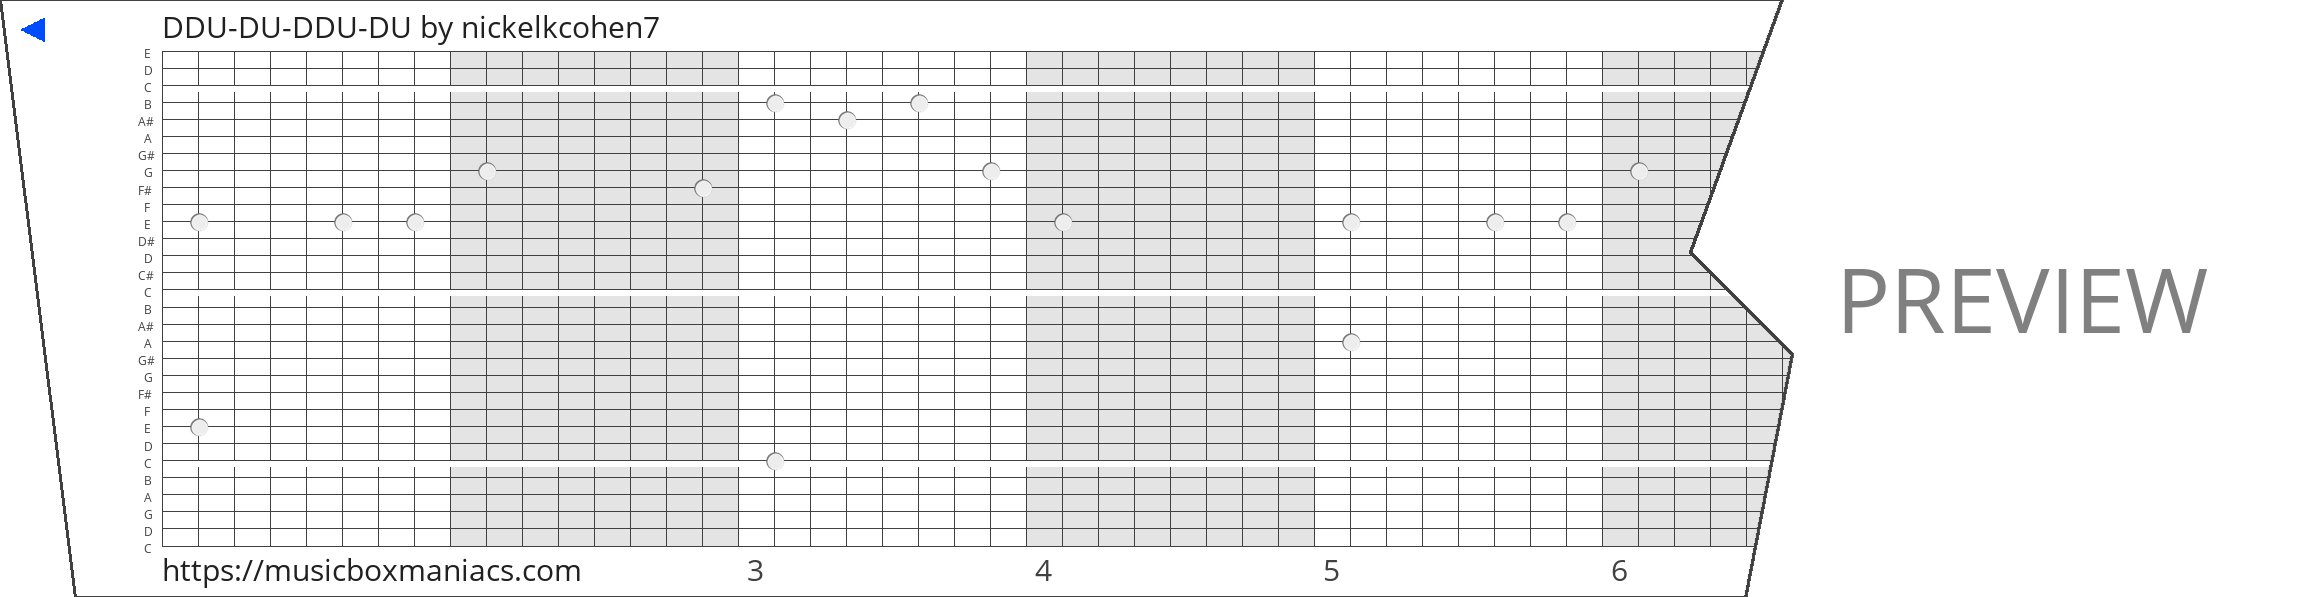 DDU-DU-DDU-DU 30 note music box paper strip